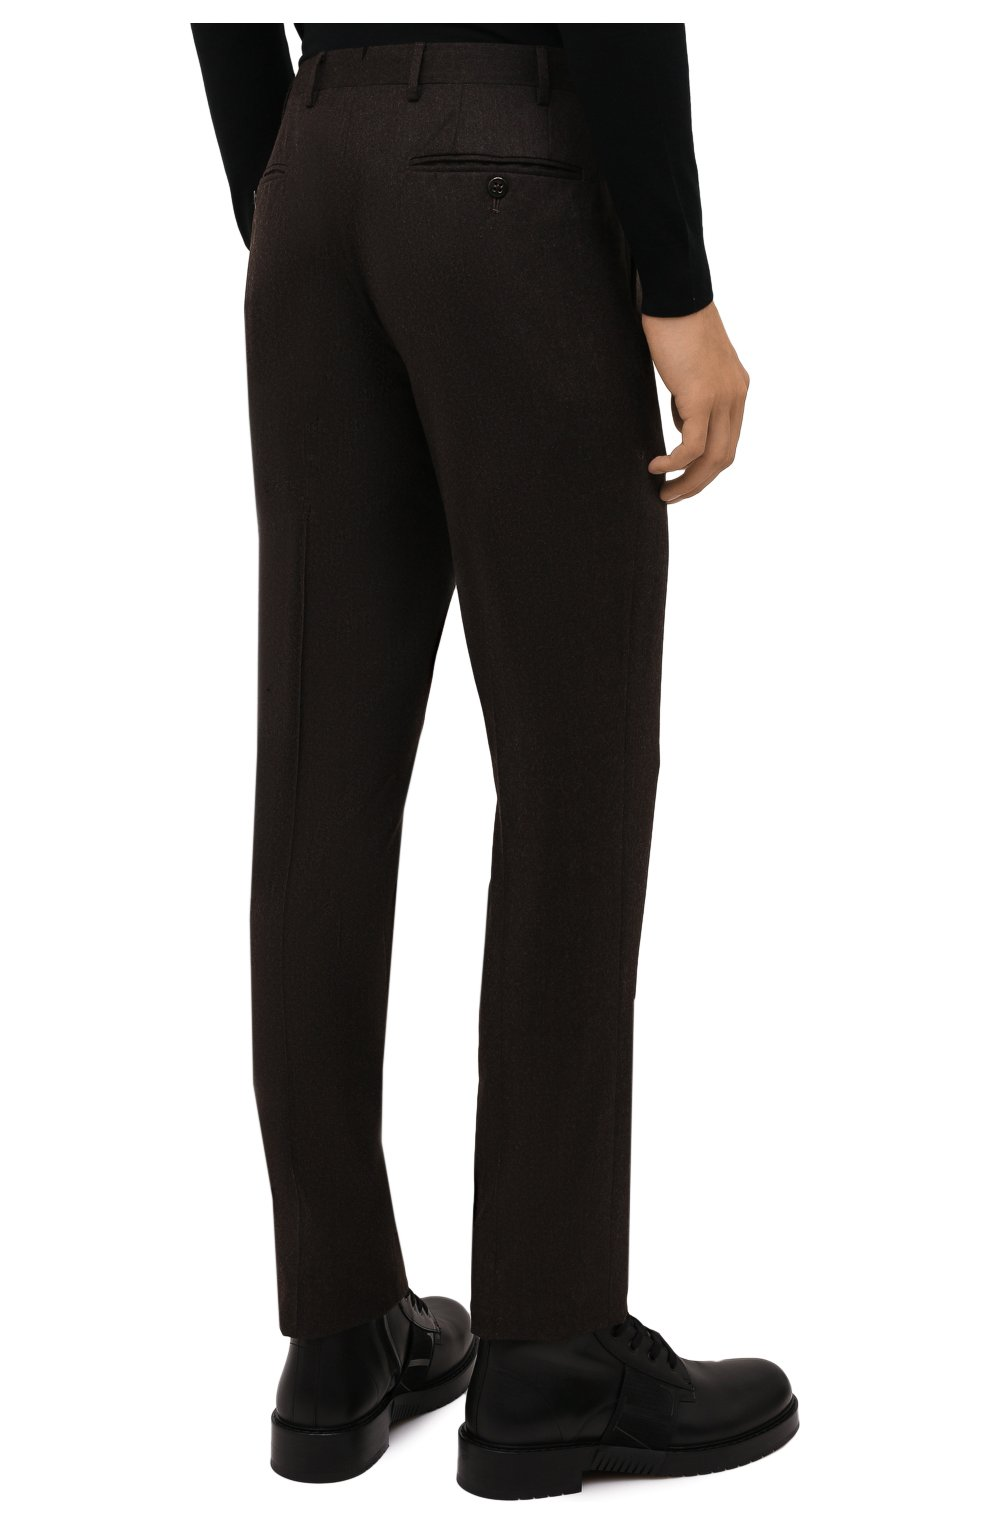 Мужские шерстяные брюки CORNELIANI коричневого цвета, арт. 885B01-1818111/02   Фото 4 (Материал внешний: Шерсть; Длина (брюки, джинсы): Стандартные; Случай: Формальный; Материал подклада: Вискоза; Стили: Кэжуэл)